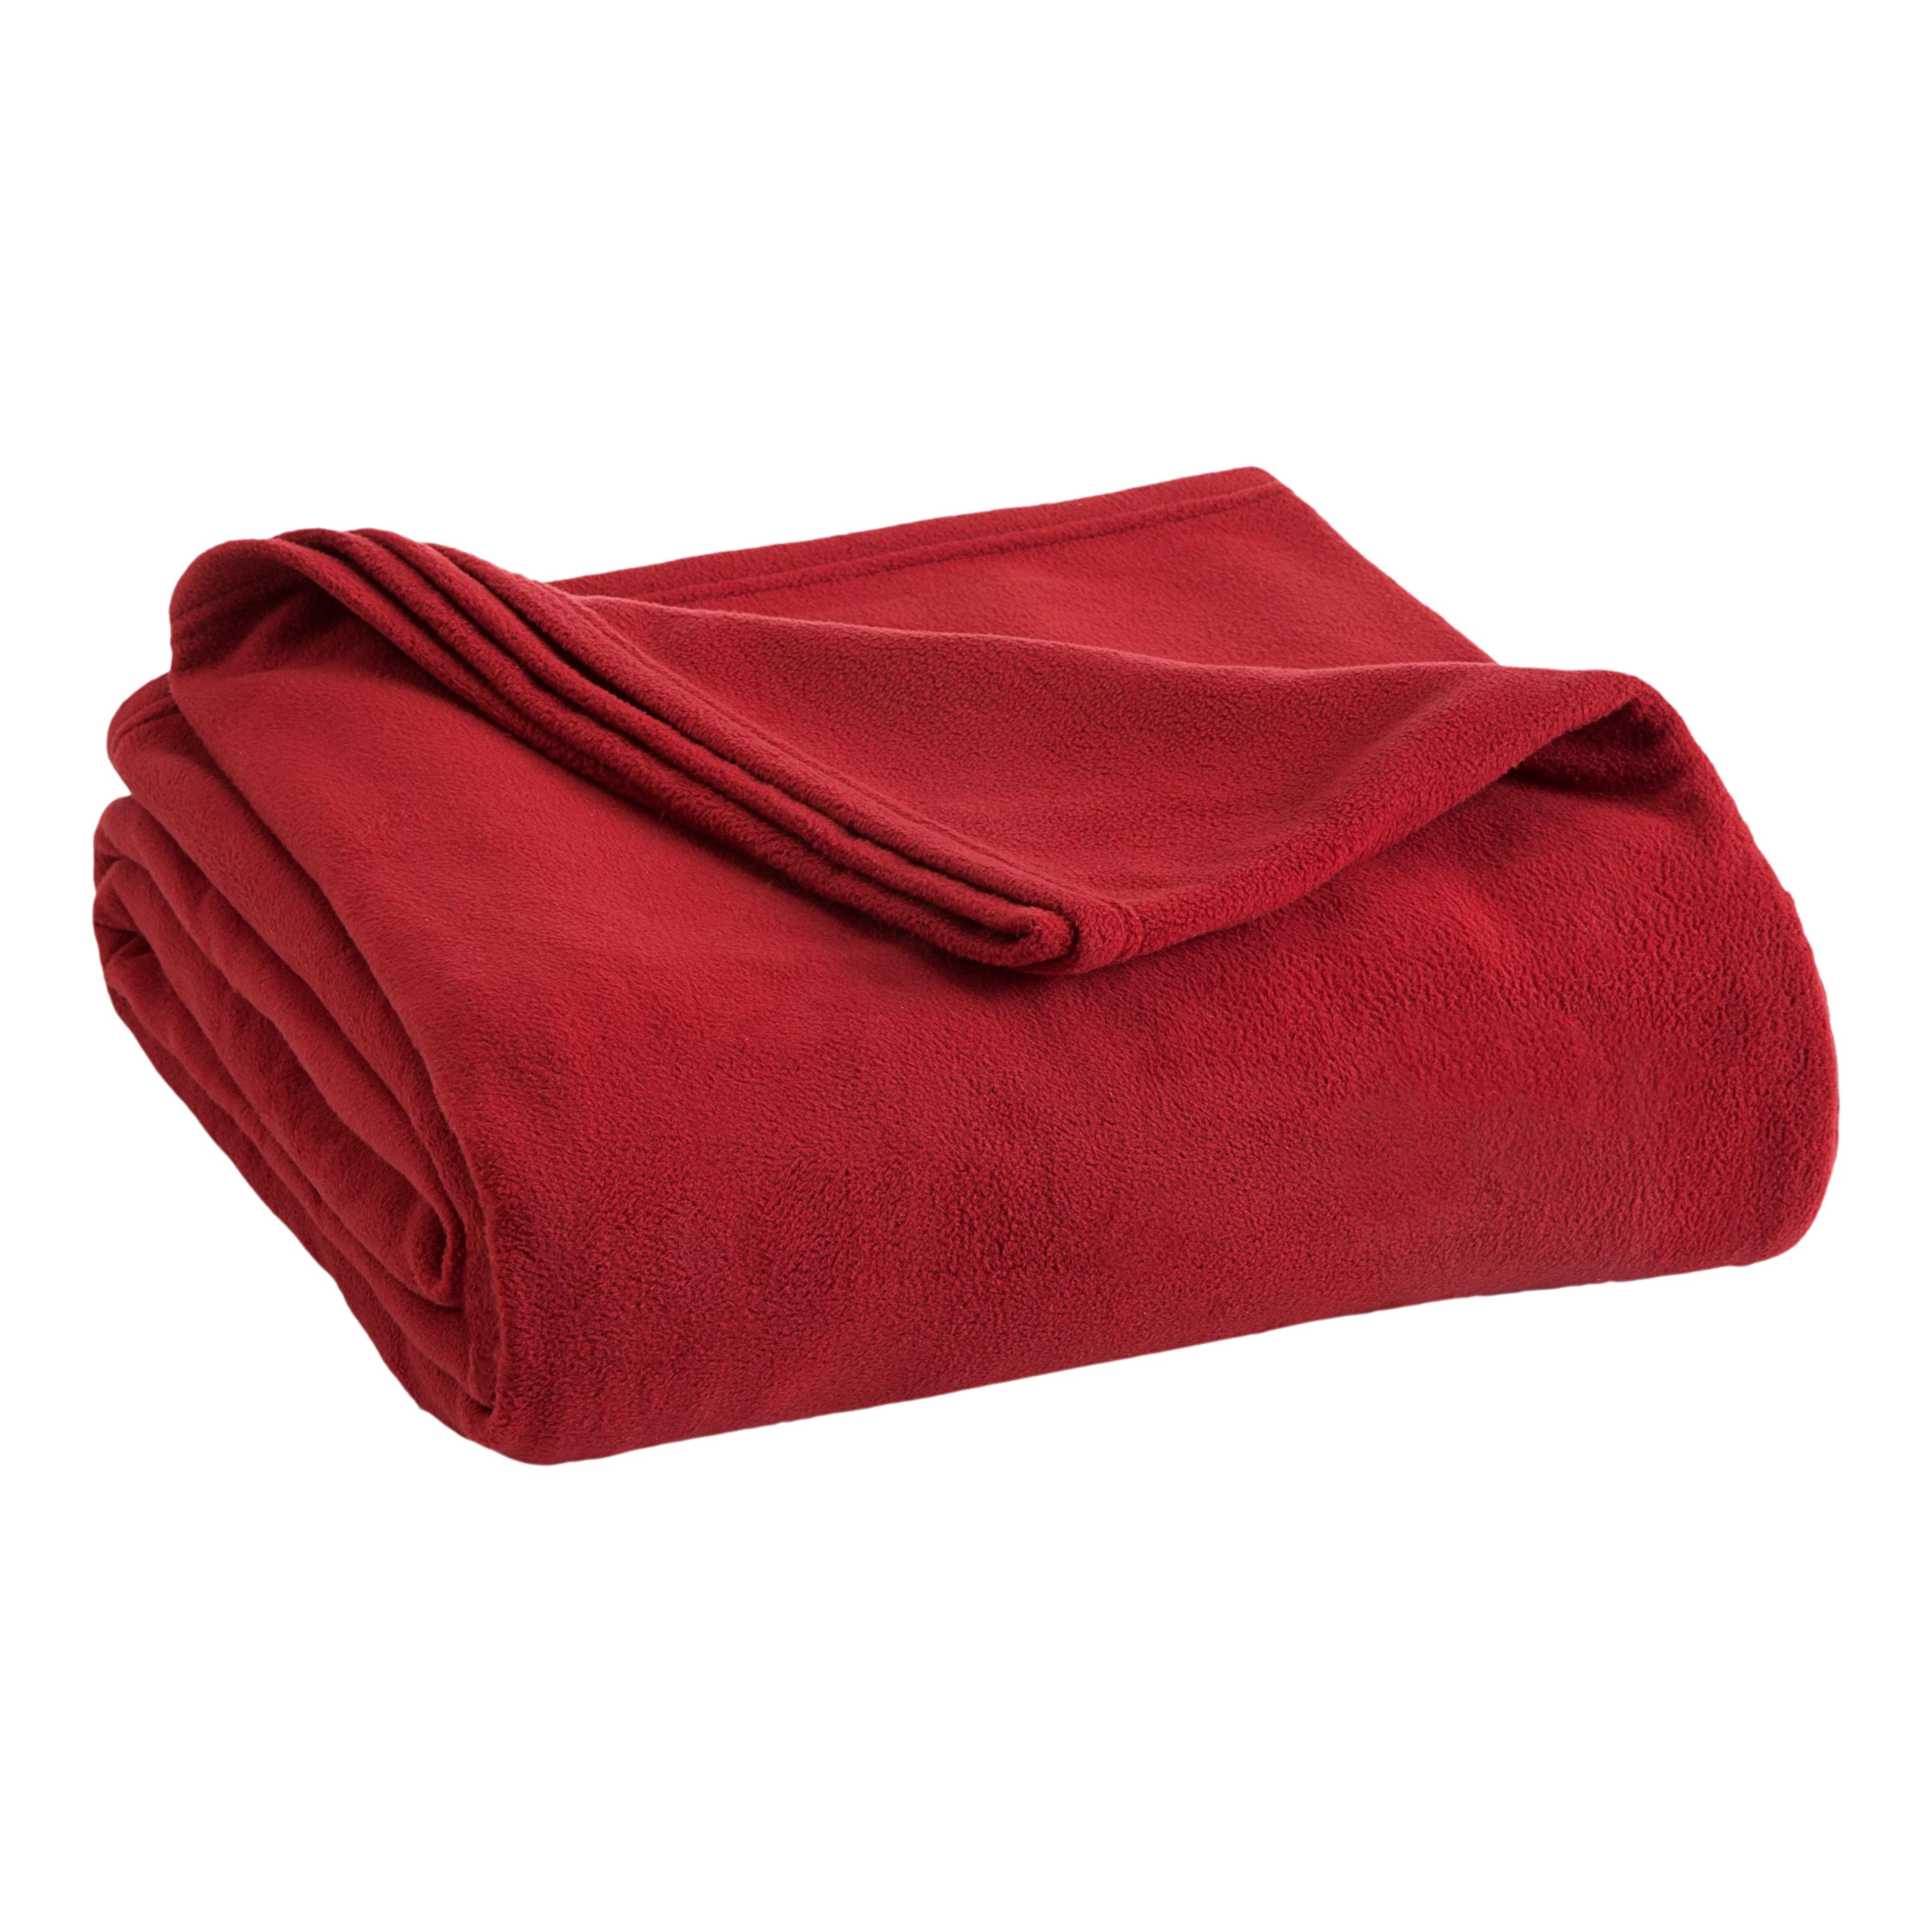 Vellux Vellux Fleece Blanket Amp Reviews Wayfair